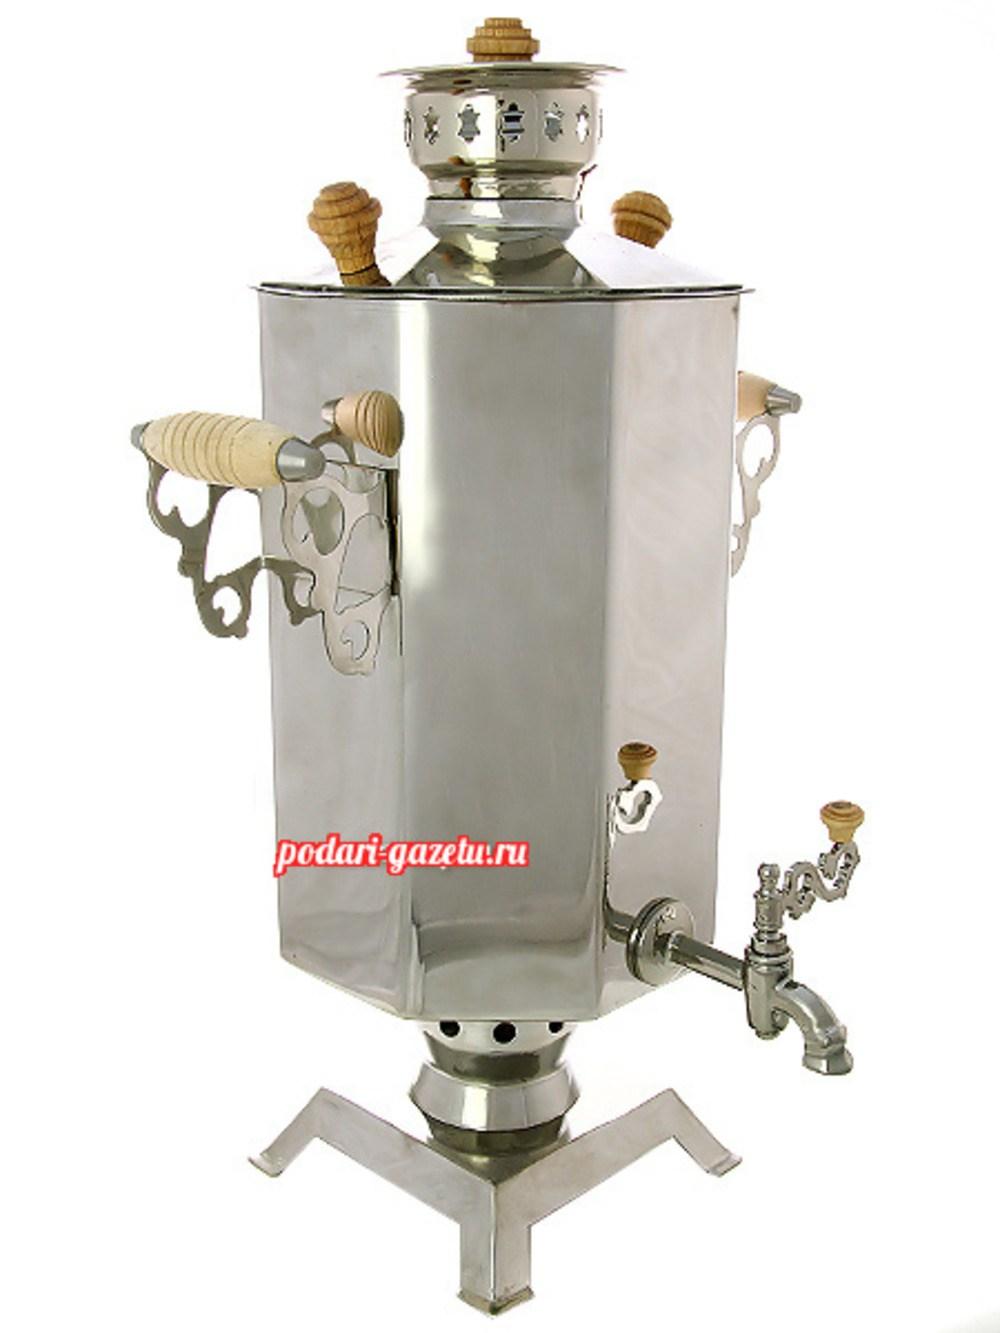 Угольный самовар (жаровой, дровяной) на 10 литров цилиндр с гранями из нержавеющей пищевой стали